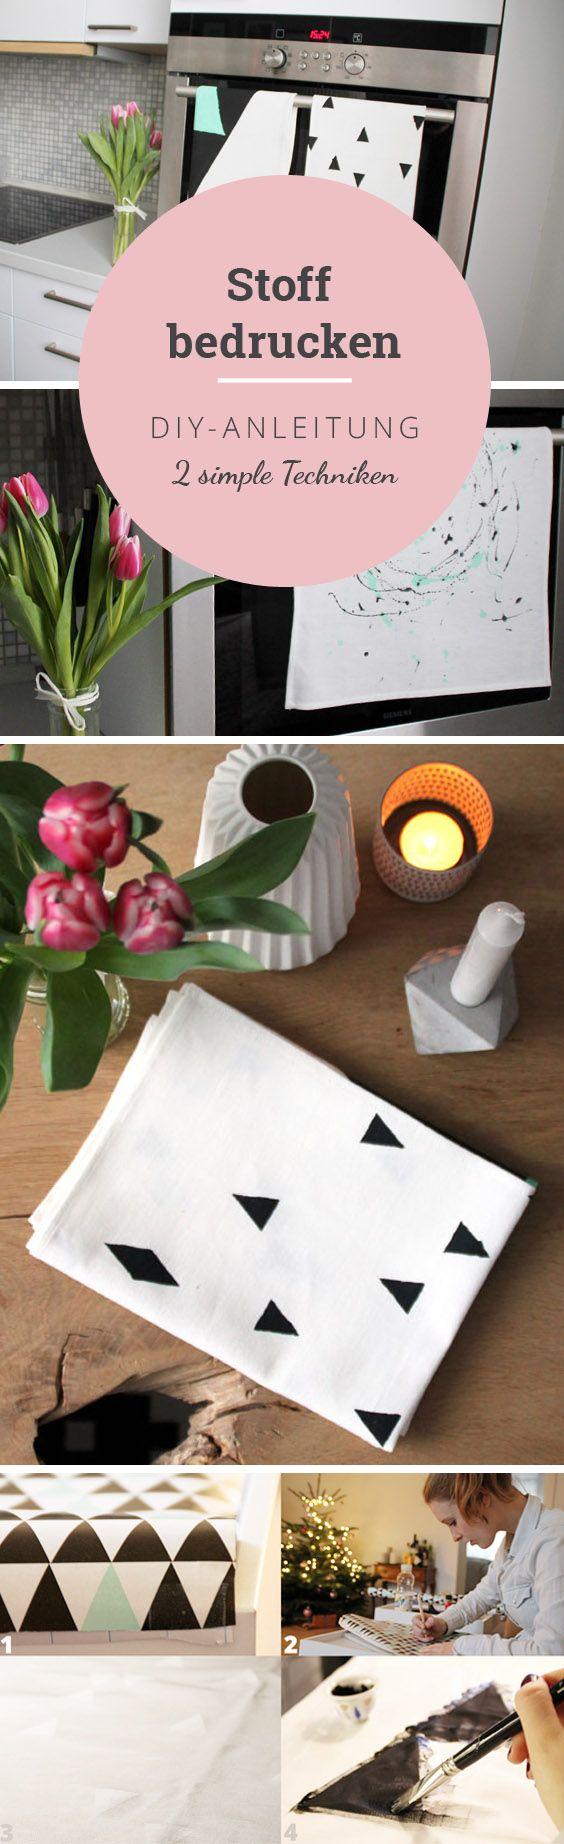 die besten 25 stoff bedrucken ideen auf pinterest. Black Bedroom Furniture Sets. Home Design Ideas